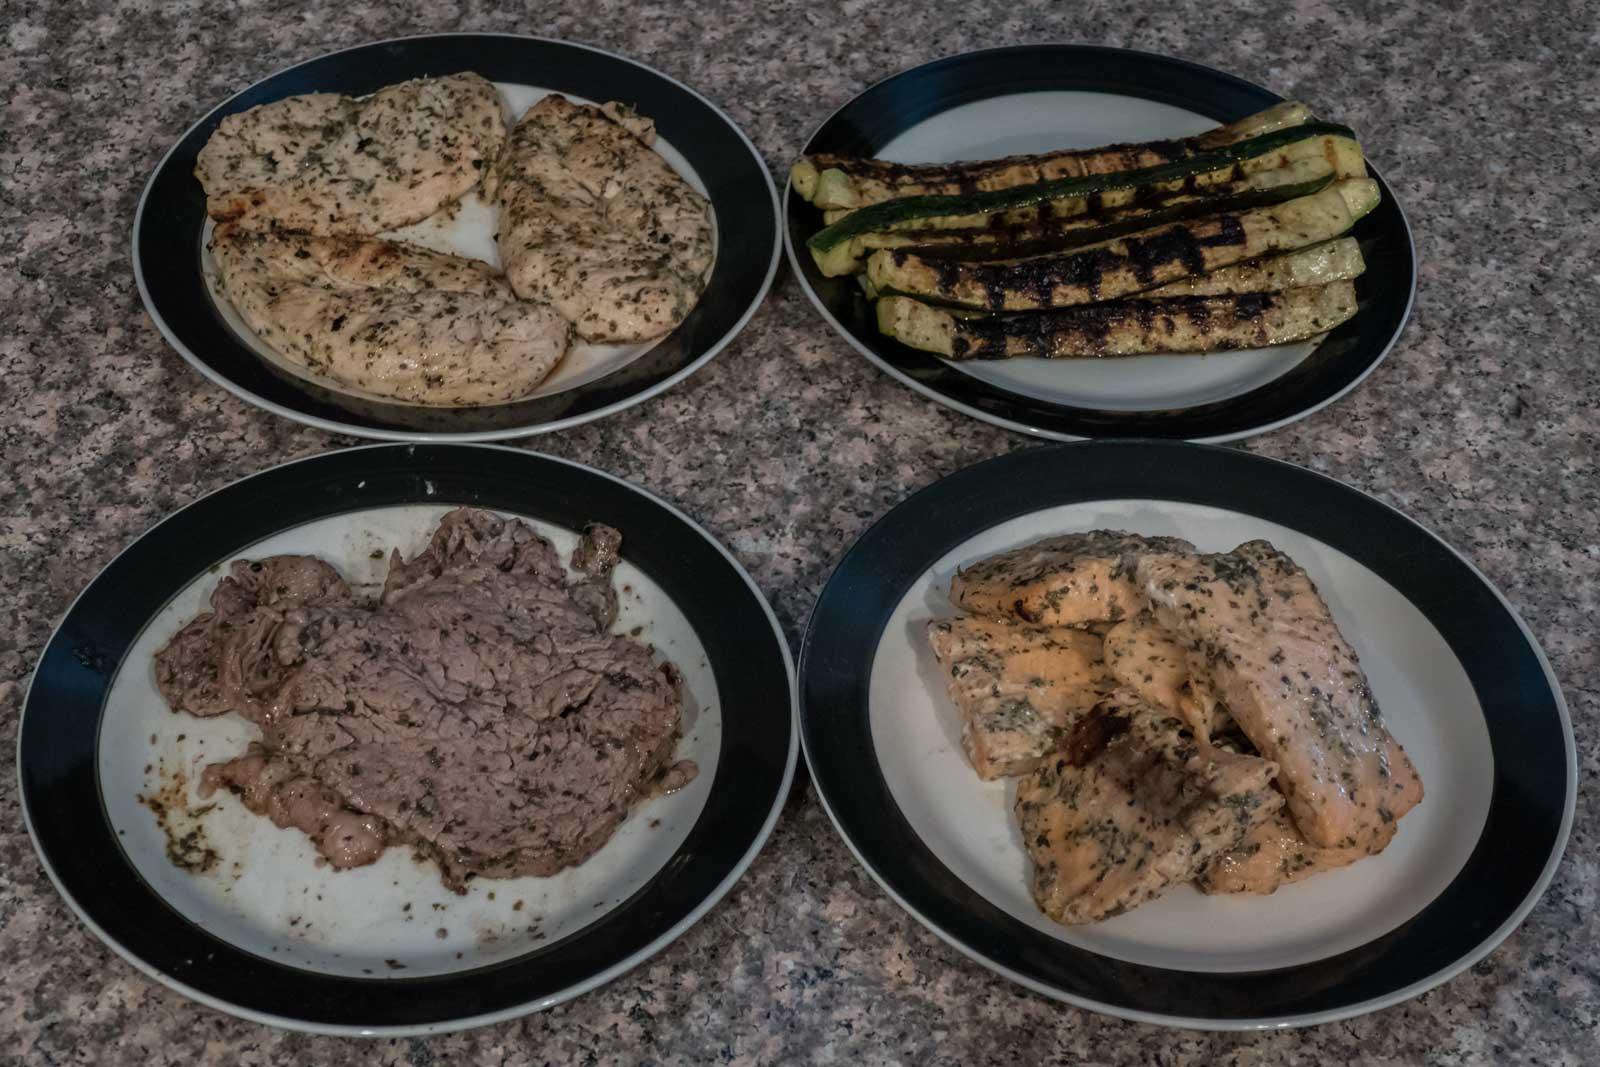 chicken, salmon, steak & zucchini